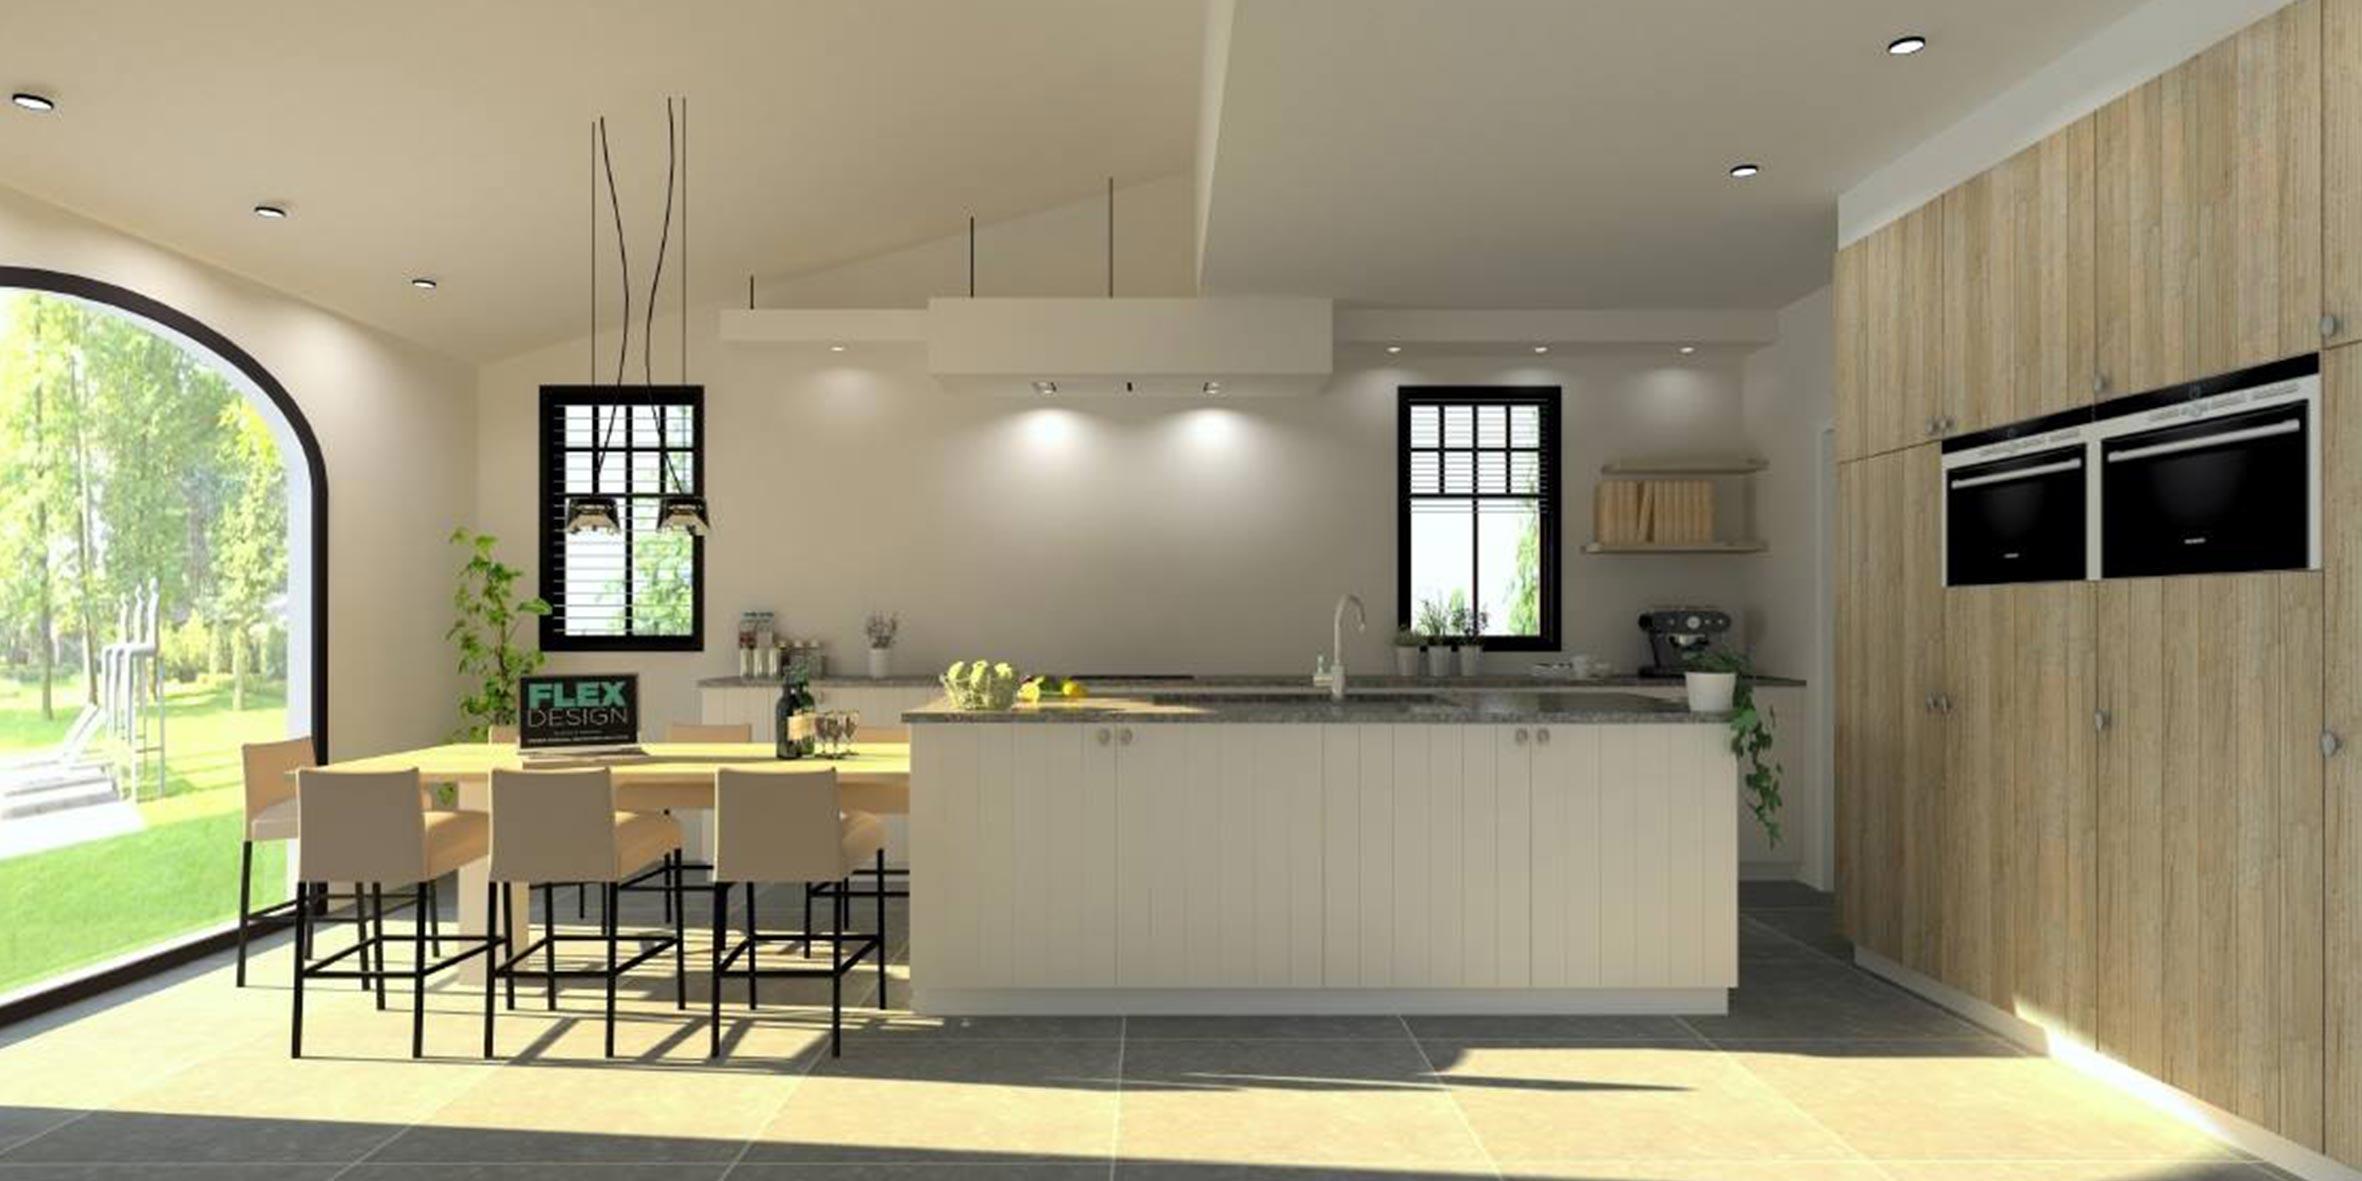 Keuken 75 flex design for Keuken 3d ontwerpen